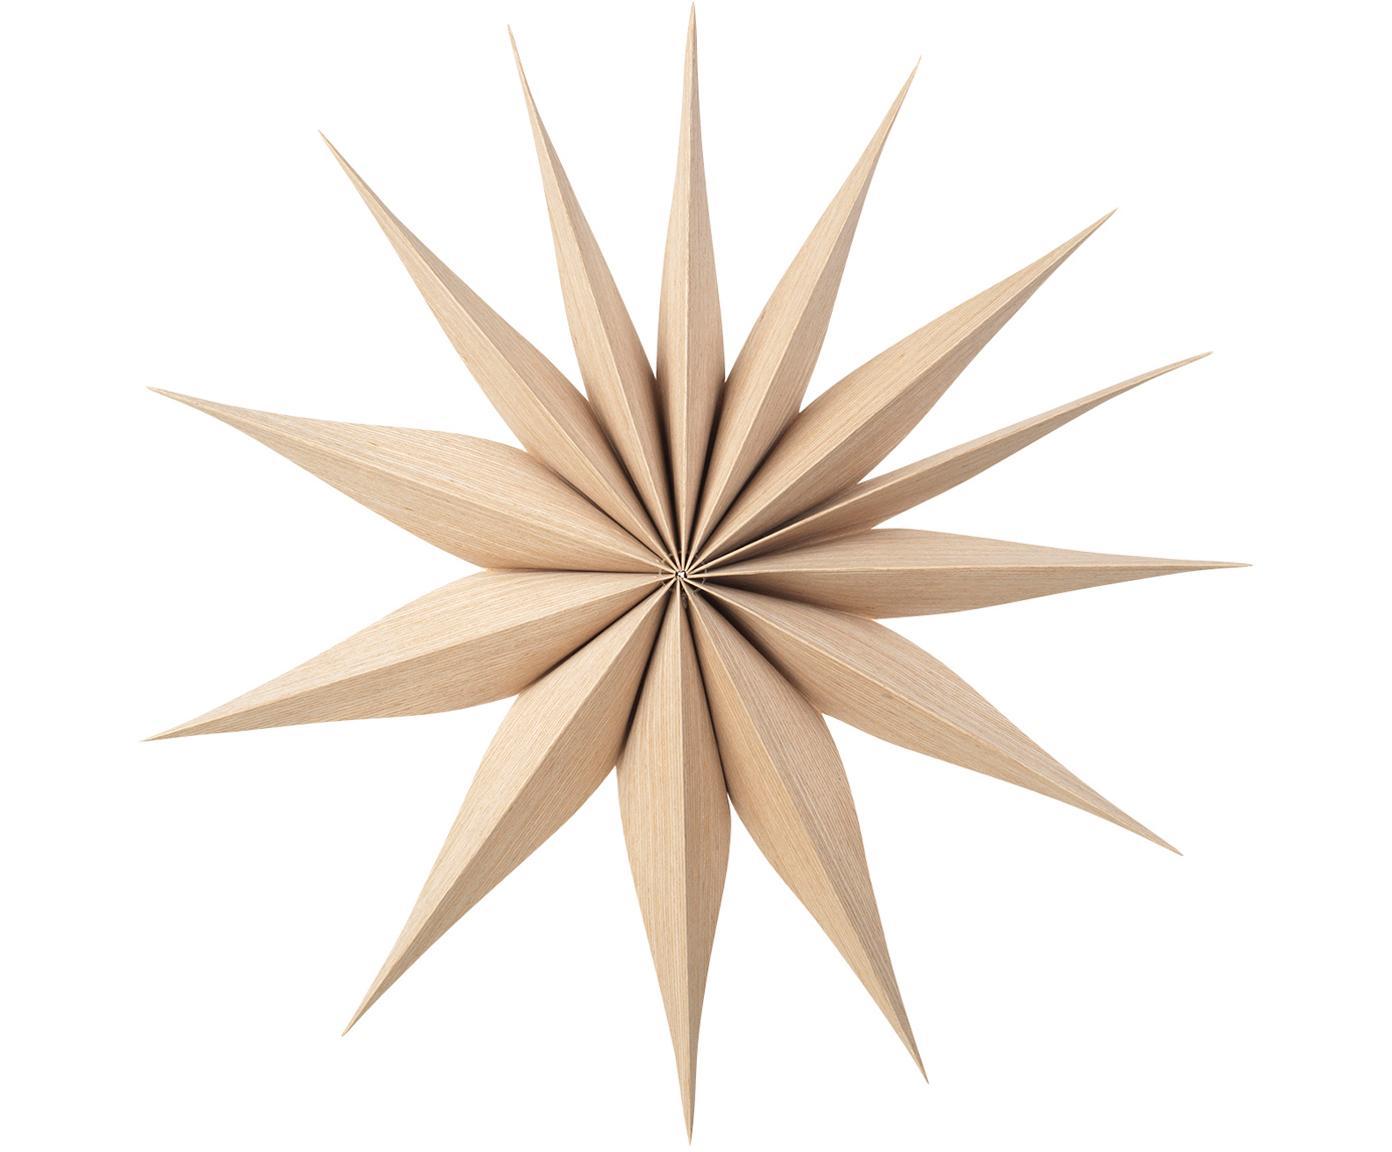 Estrella decorativa Venok, 2uds., Láminas de madera, Beige, Ø 40 cm